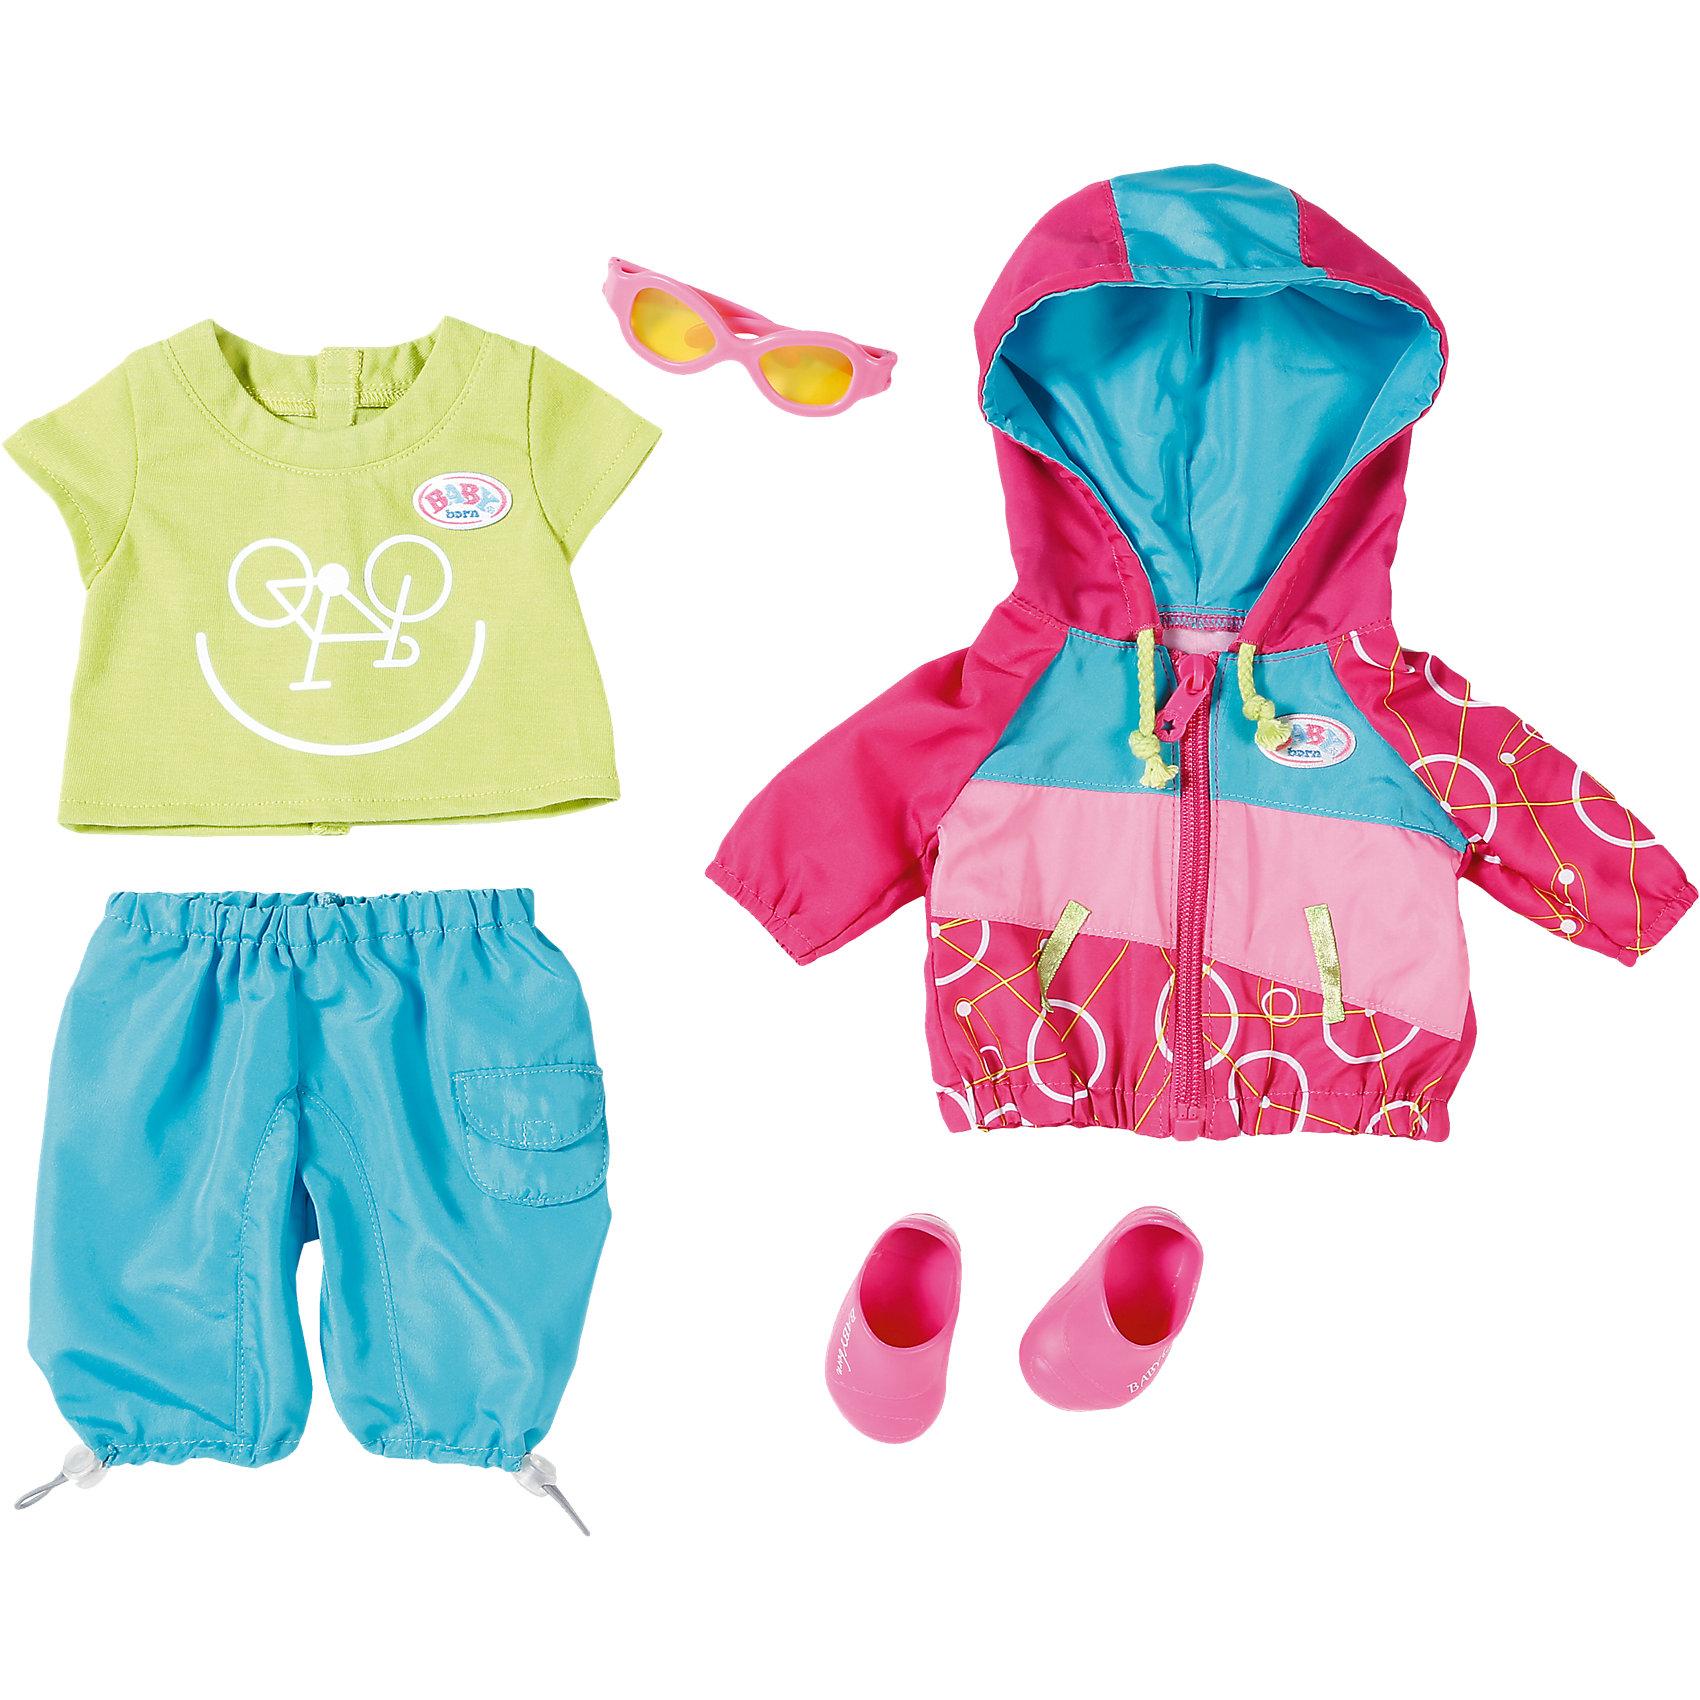 Одежда для велопрогулки, BABY bornКукольная одежда и аксессуары<br>Одежда для велопрогулки, BABY born <br><br>Характеристики:<br><br>• В набор входит: кофточка, штанишки, футболка, ботиночки, очки<br>• Состав: текстиль, пластик<br>• Размер упаковки: 36 * 8 * 32 см.<br>• Для детей в возрасте: от 3 лет<br>• Страна производитель: Китай<br><br>С новой одеждой для велопрогулки ребёнок сможет переодевать куклу для поездки на велосипеде и продолжать свои игры, делая их ещё веселее. Одежда выглядит как настоящая, футболка застёгивается на липучку, кофточка с капюшоном застёгивается на молнию, а штанишки сделаны на резиночке и легко одеваются. <br><br>Стиль комплекта отлично сочетается между собой, голубые серые штанишки с карманами подходят к яркой кофточке с футболкой, дополняя образ новыми ботиночками и очками от солнца. Это фирменная одежда для кукол, поэтому она подойдёт к любой кукле бренда BABY born (Бейби Бон).<br><br>Одежду для велопрогулки, BABY born можно купить в нашем интернет-магазине.<br><br>Ширина мм: 363<br>Глубина мм: 322<br>Высота мм: 83<br>Вес г: 383<br>Возраст от месяцев: 36<br>Возраст до месяцев: 60<br>Пол: Женский<br>Возраст: Детский<br>SKU: 5030826